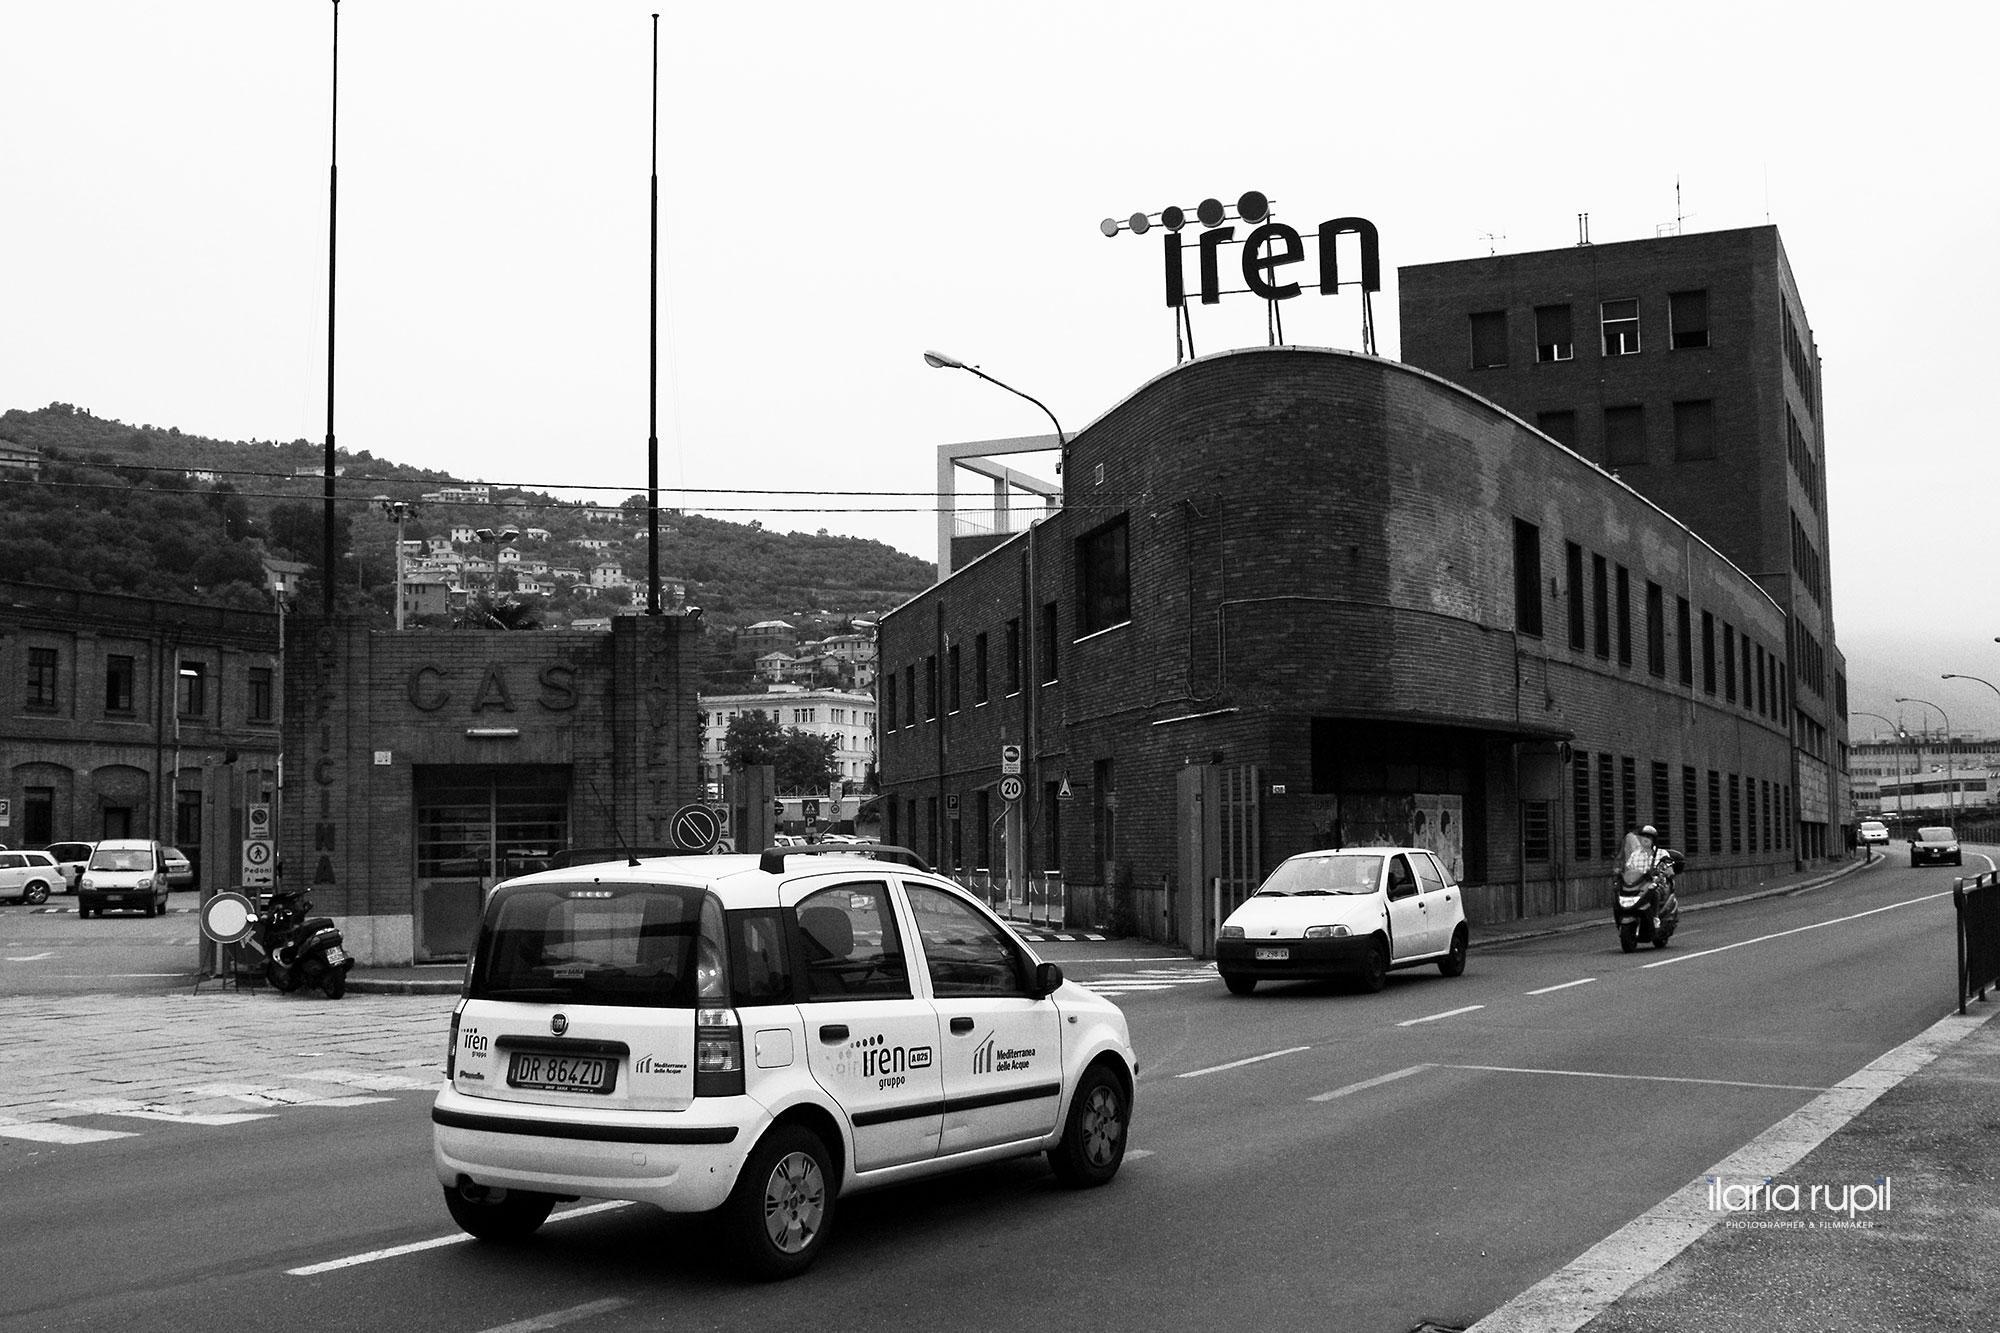 Headquarters of the Company Iren Acqua Gas S.p.A. in Via Piacenza, Genoa